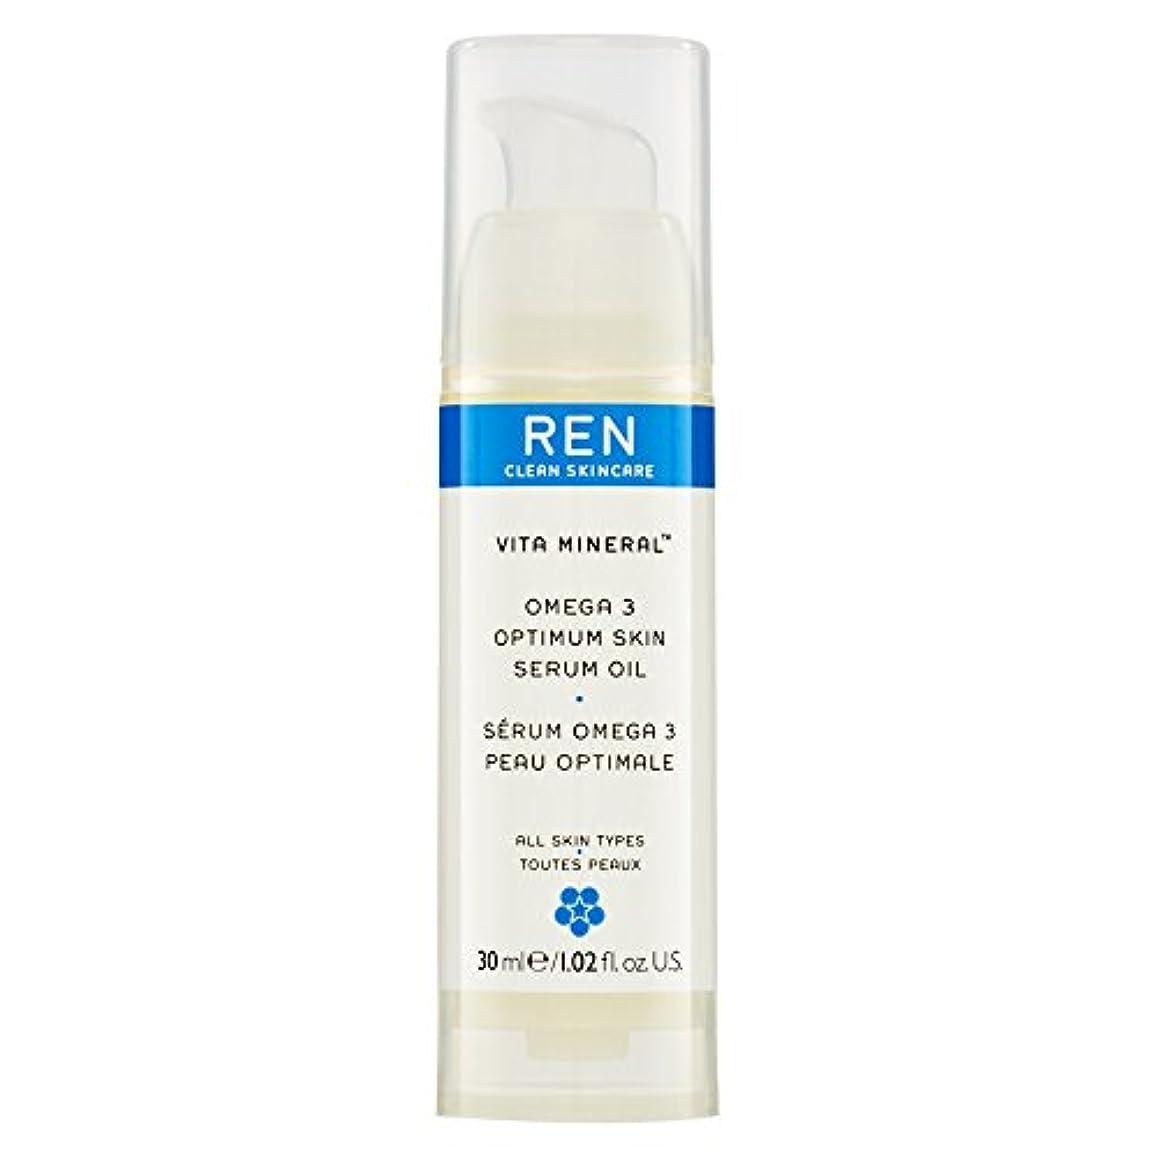 レイ氷扱いやすいRenヴィータミネラル?オメガ3の最適な肌の血清オイル30ミリリットル (REN) (x2) - REN Vita Mineral? Omega 3 Optimum Skin Serum Oil 30ml (Pack of...